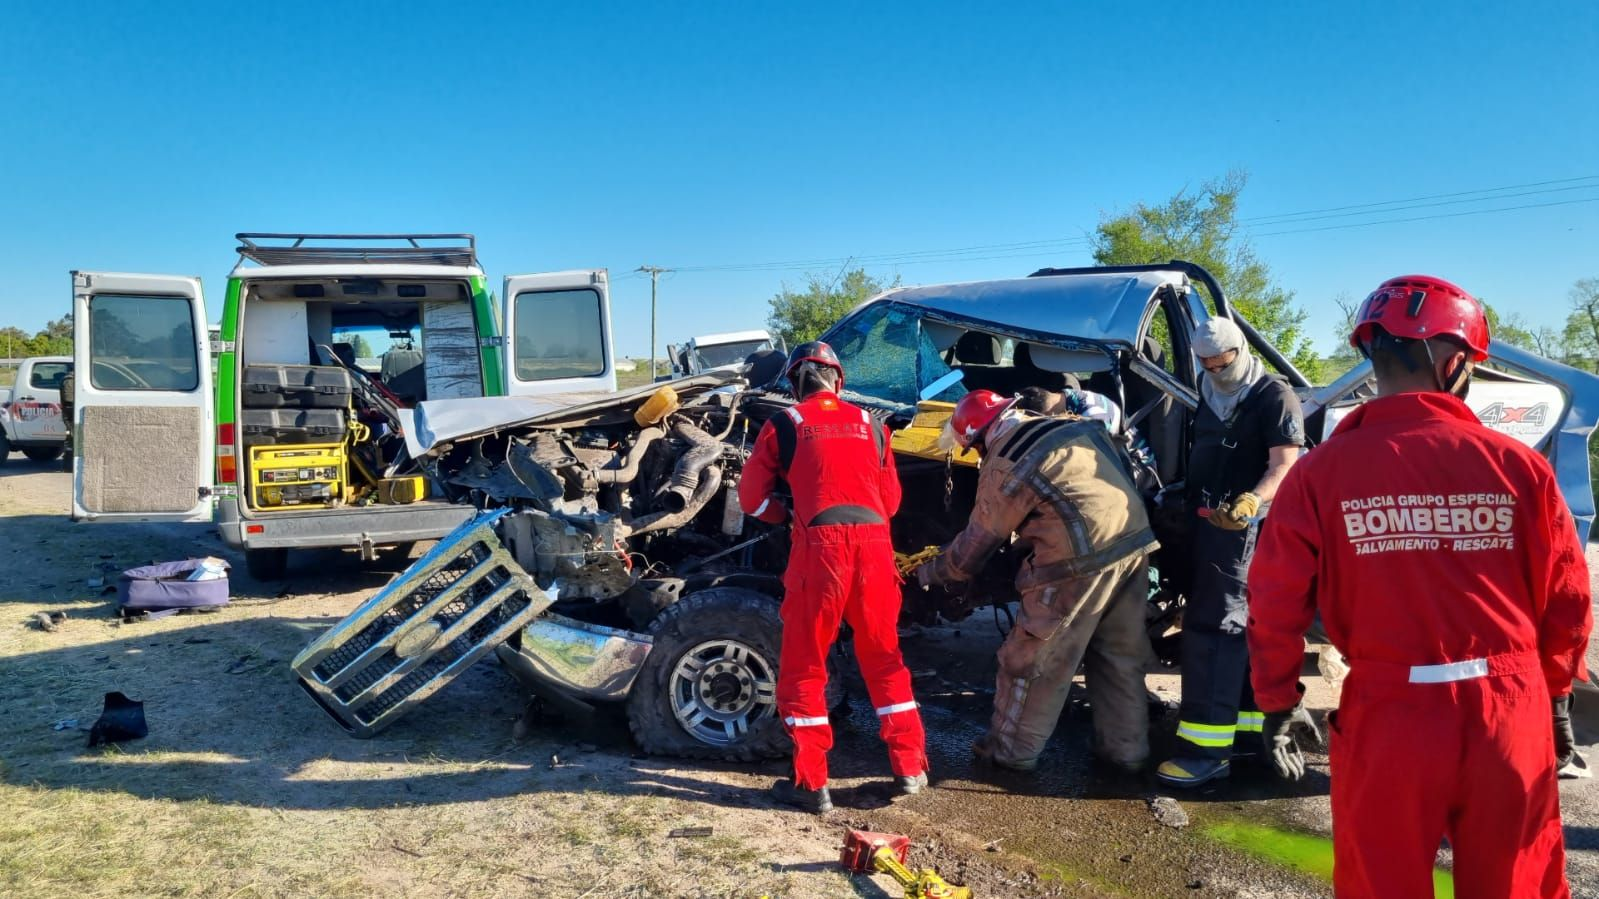 Los bomberos rescataron el cuerpo en ruta 36 al km. 69 de La Plata